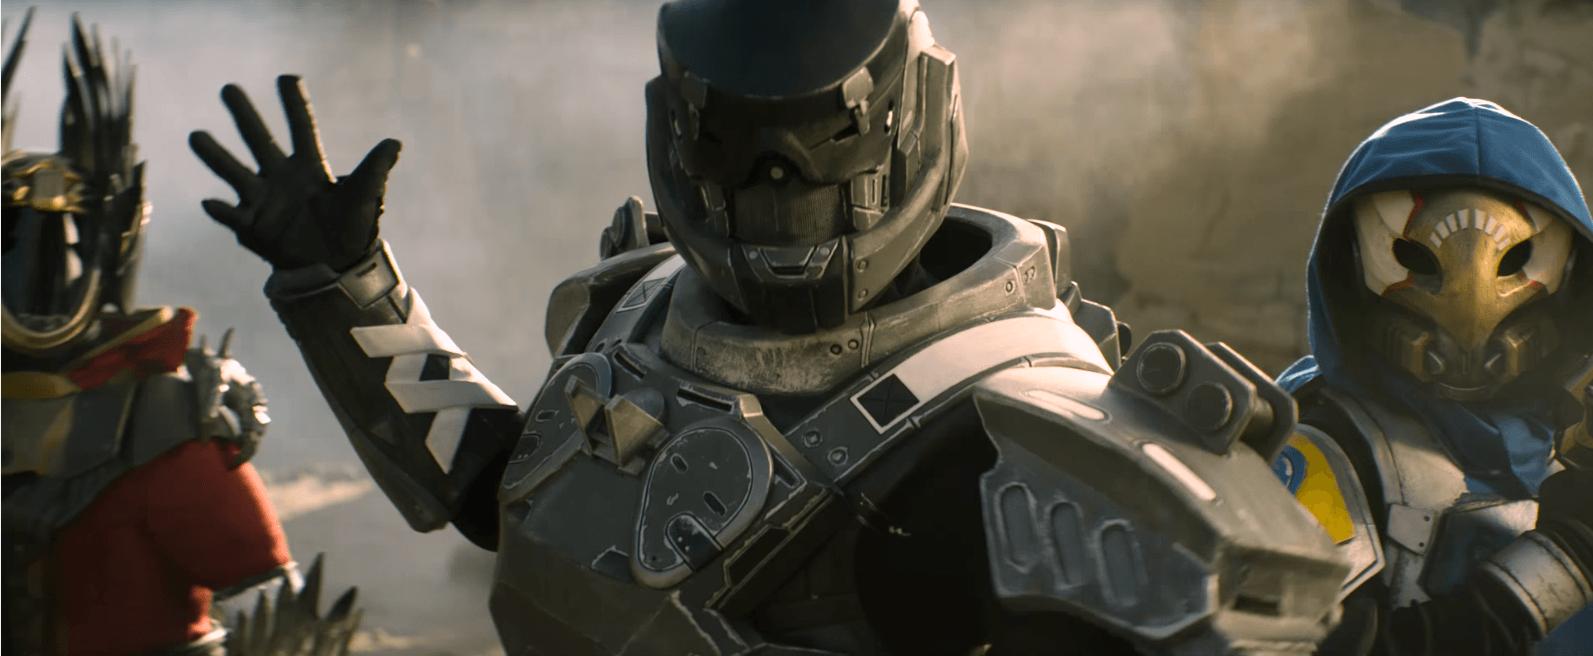 Destiny: Videos der Woche sind Heavy Metal